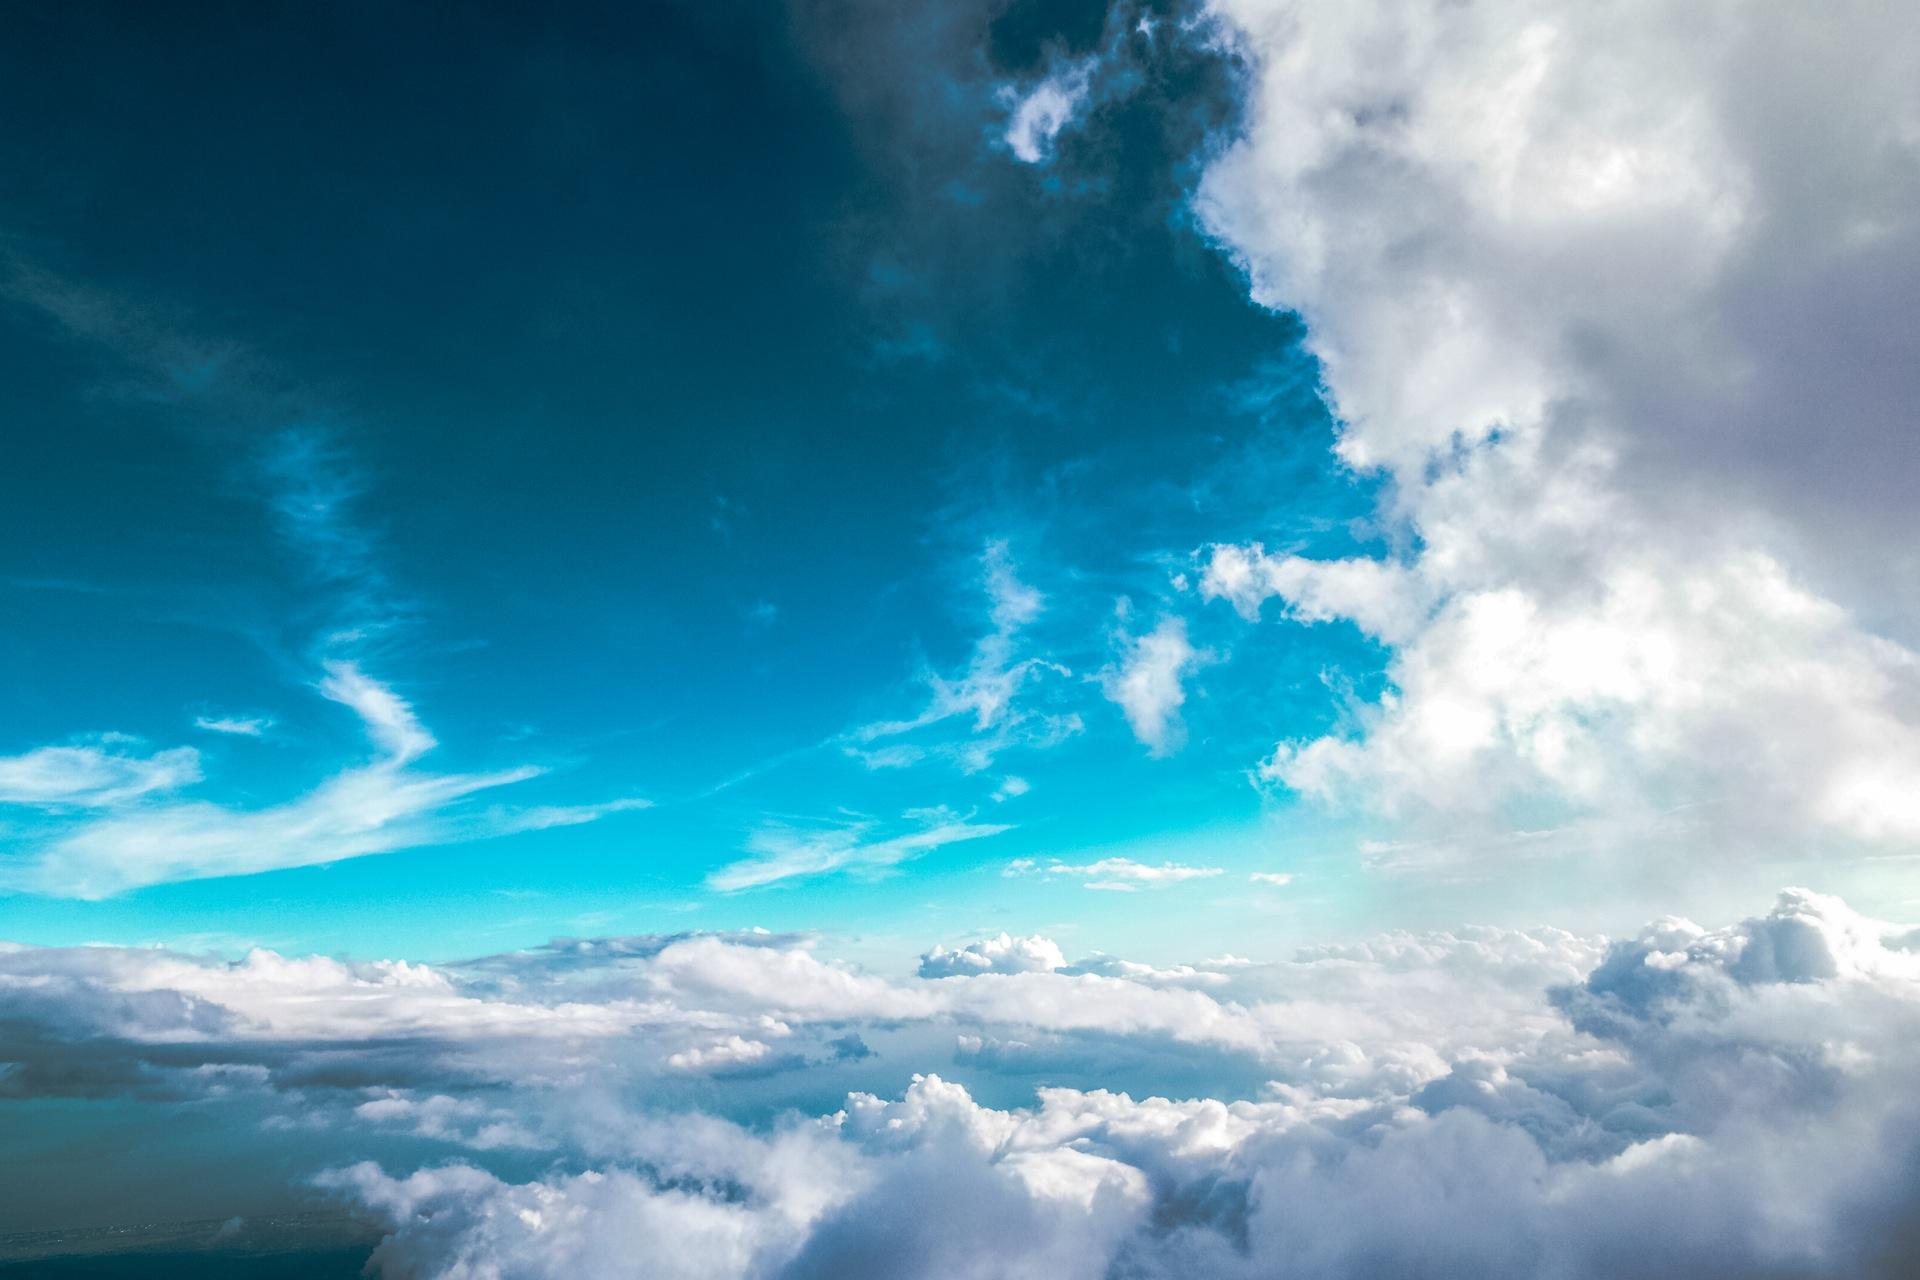 天空, 飞, 云彩, 蓝色, 放松, 和平, 宁静 - 高清壁纸 - 教授-falken.com